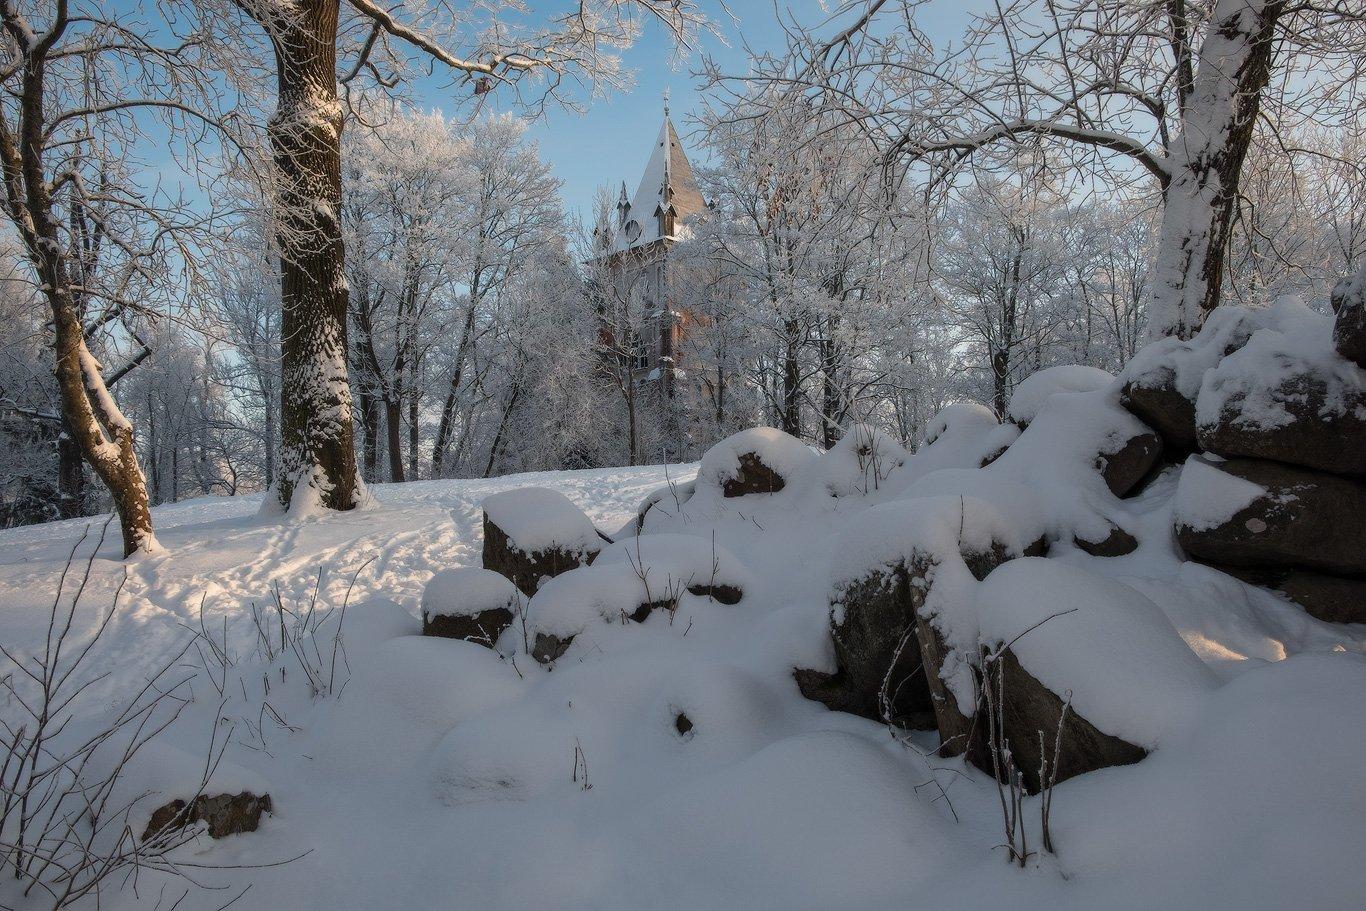 александровский, зима, парк, пушкин, россия, село, снег, царское, царское село, шапель, Илья Штром